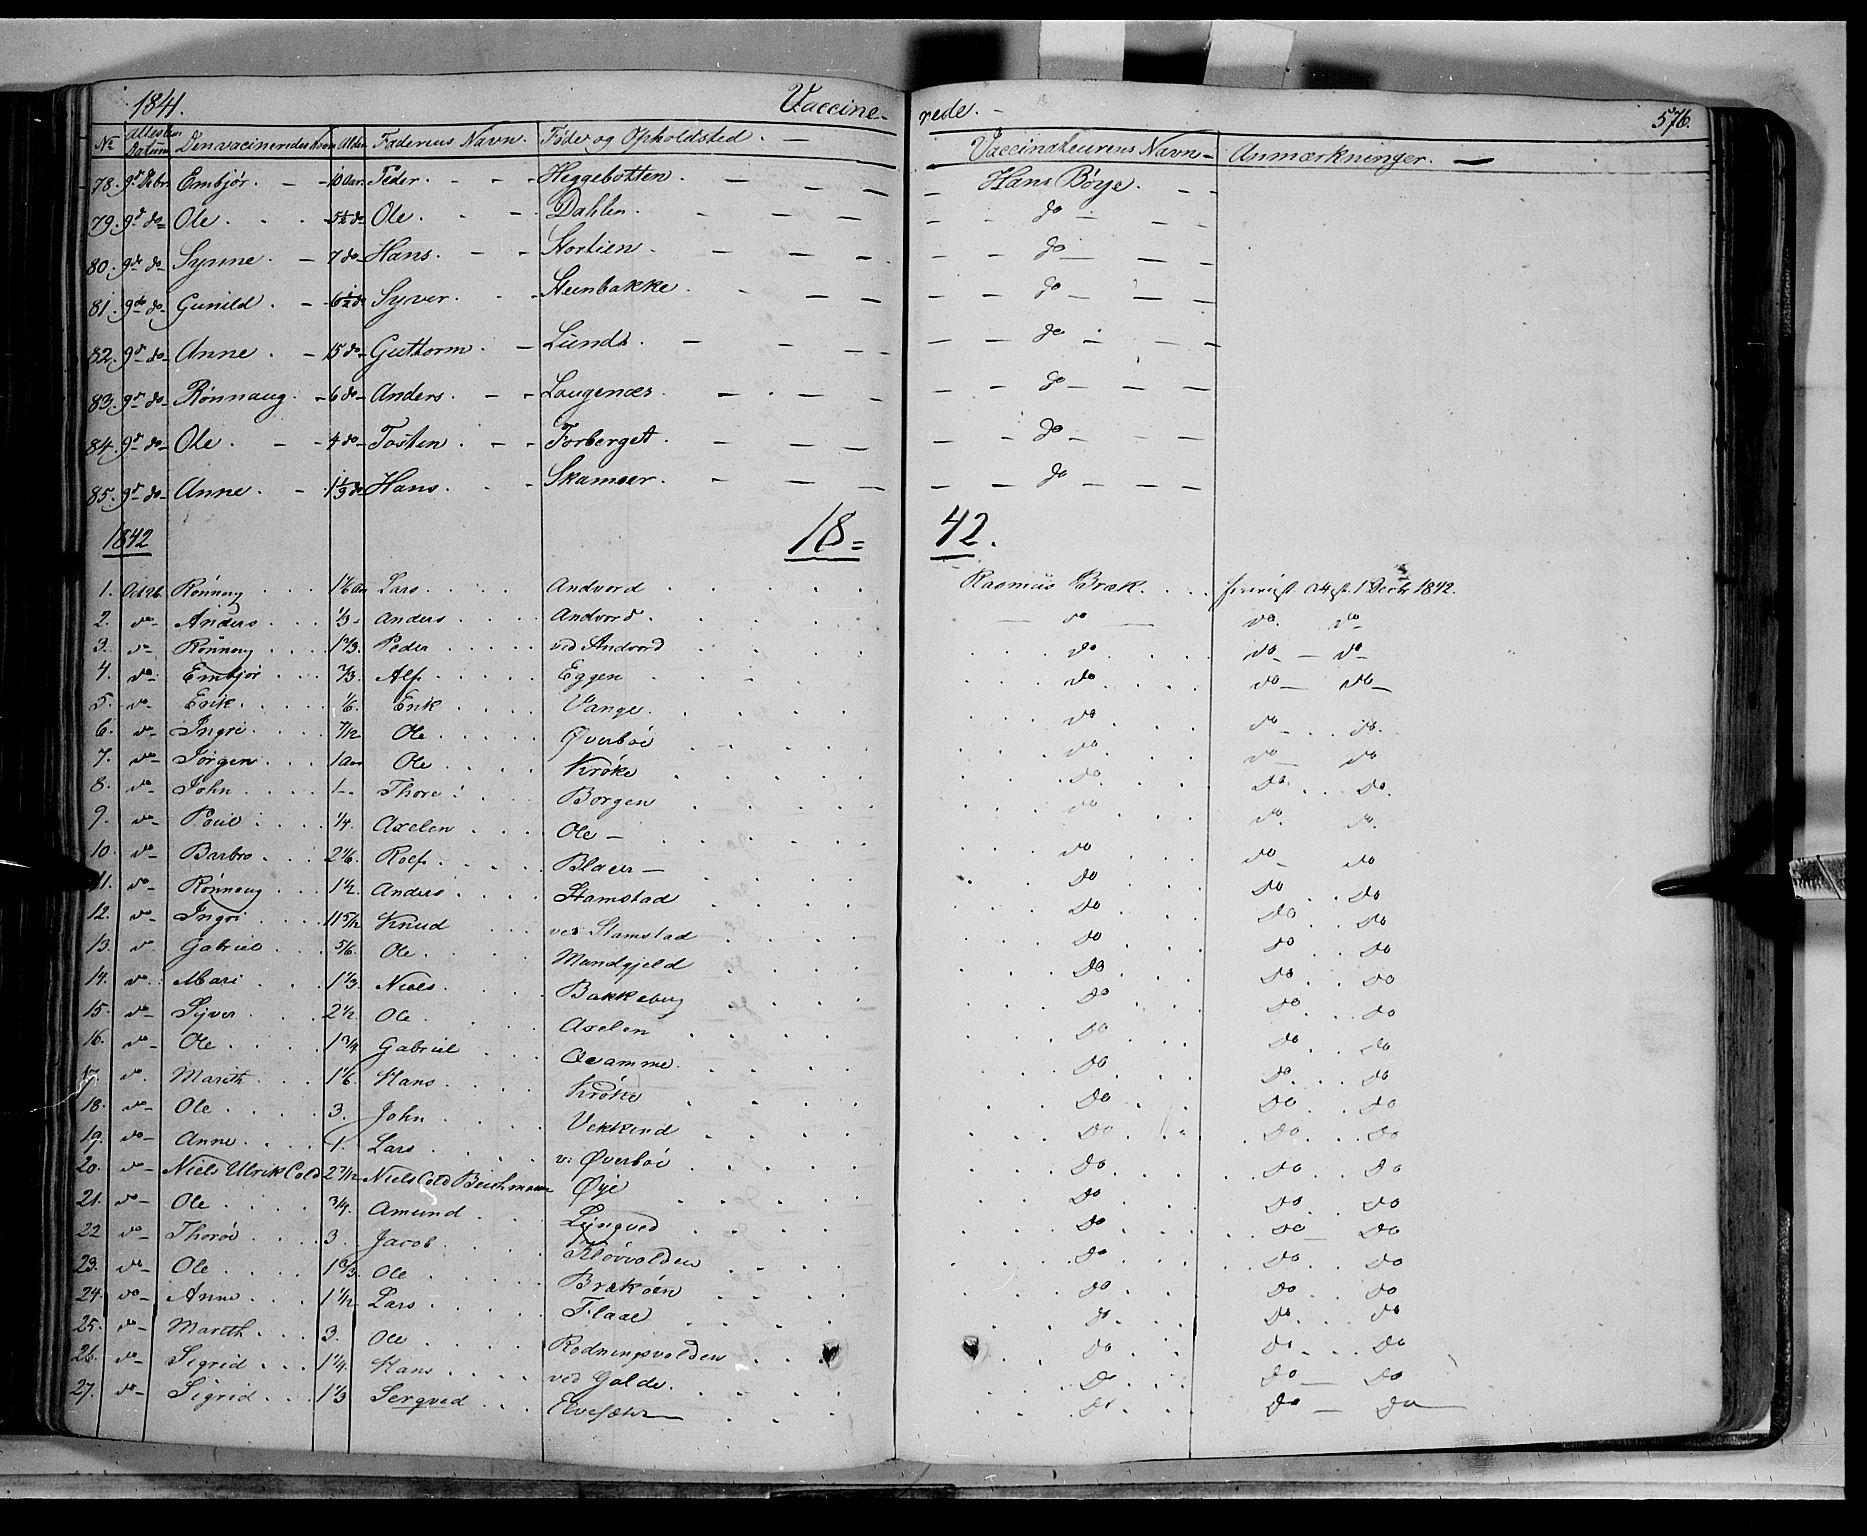 SAH, Lom prestekontor, K/L0006: Ministerialbok nr. 6B, 1837-1863, s. 576